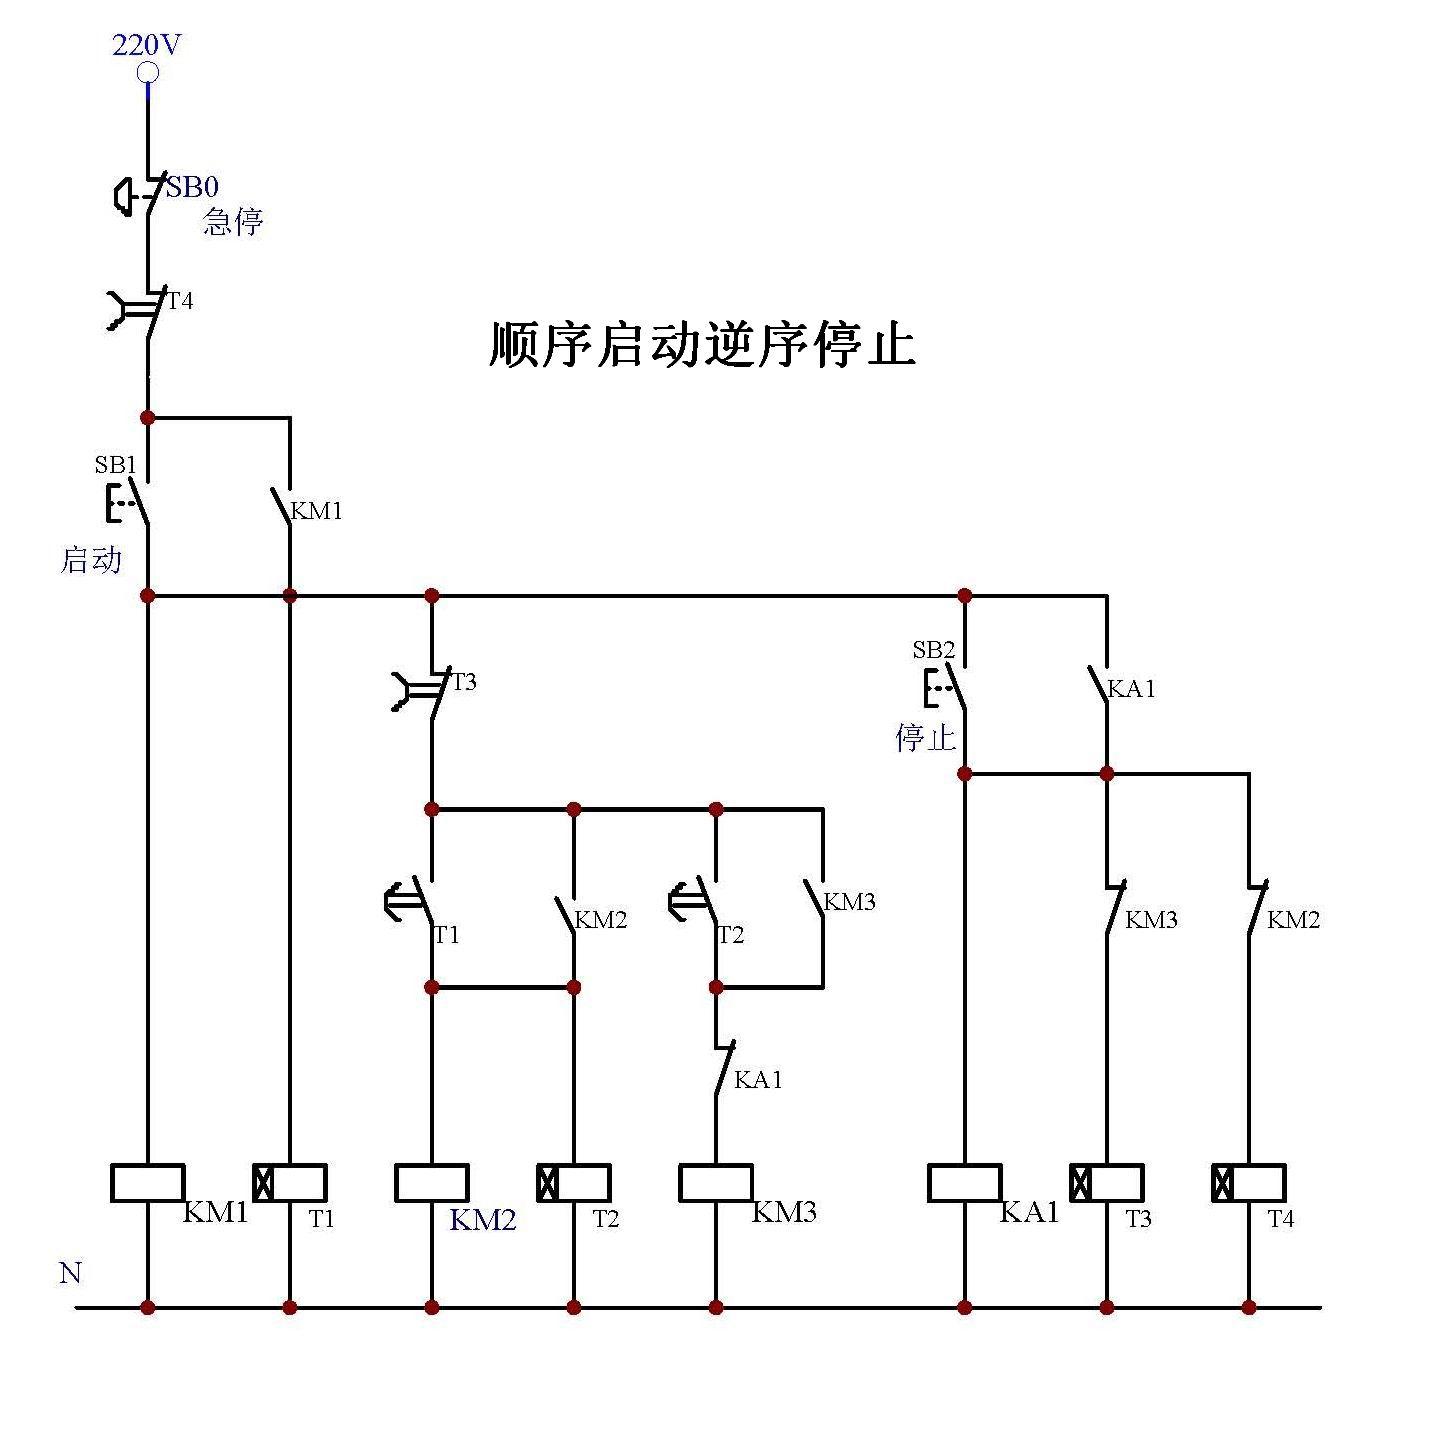 皮带顺序启动逆序停止 两个按钮 四个时间继电器 三个接触器 求电路图